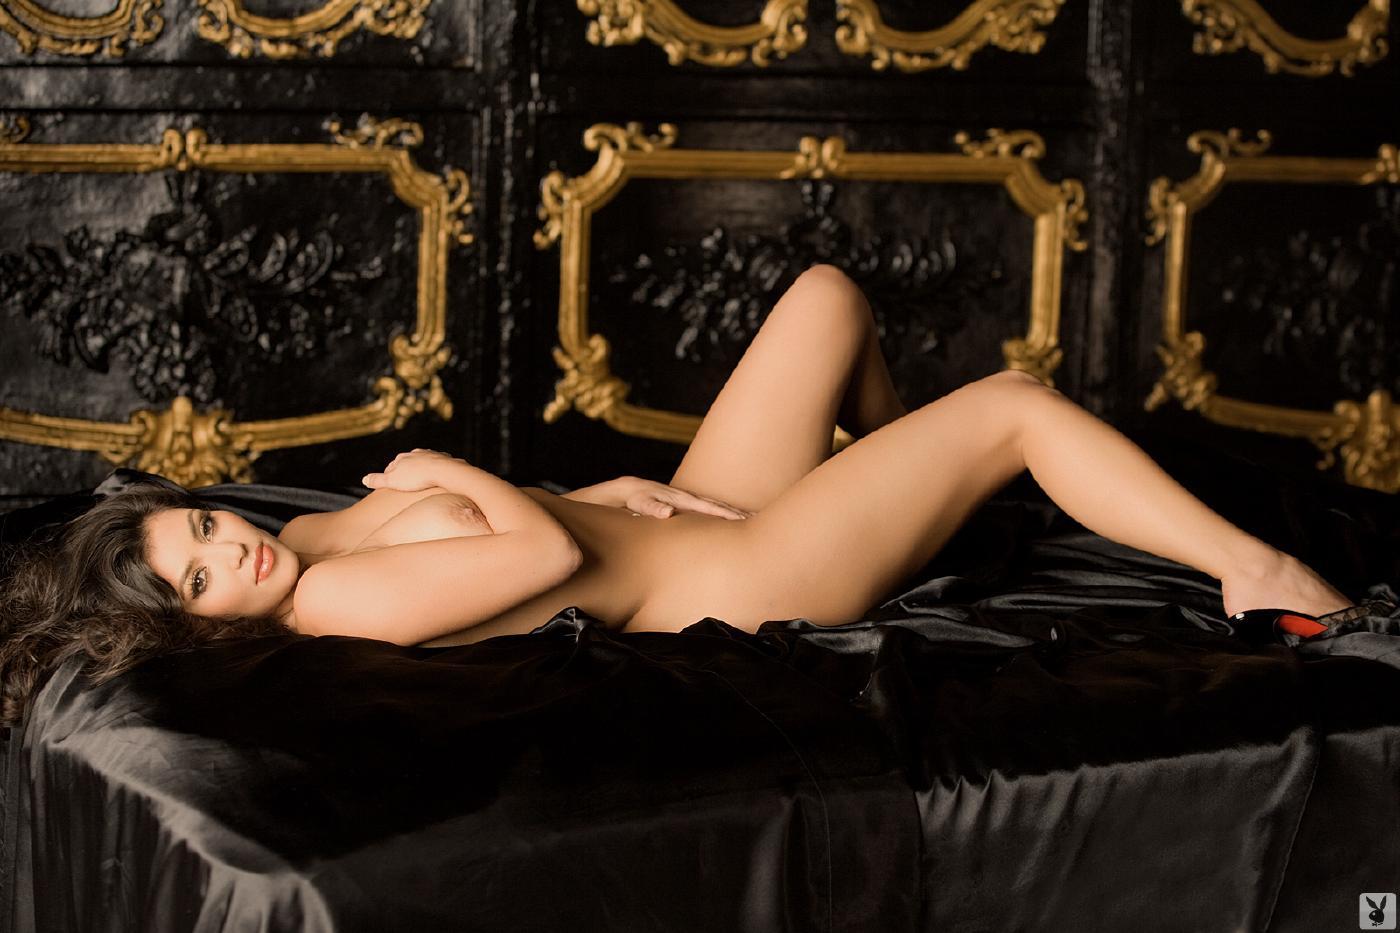 Kim Kardashian Playboy Nude Photoshoot Leaked 0010